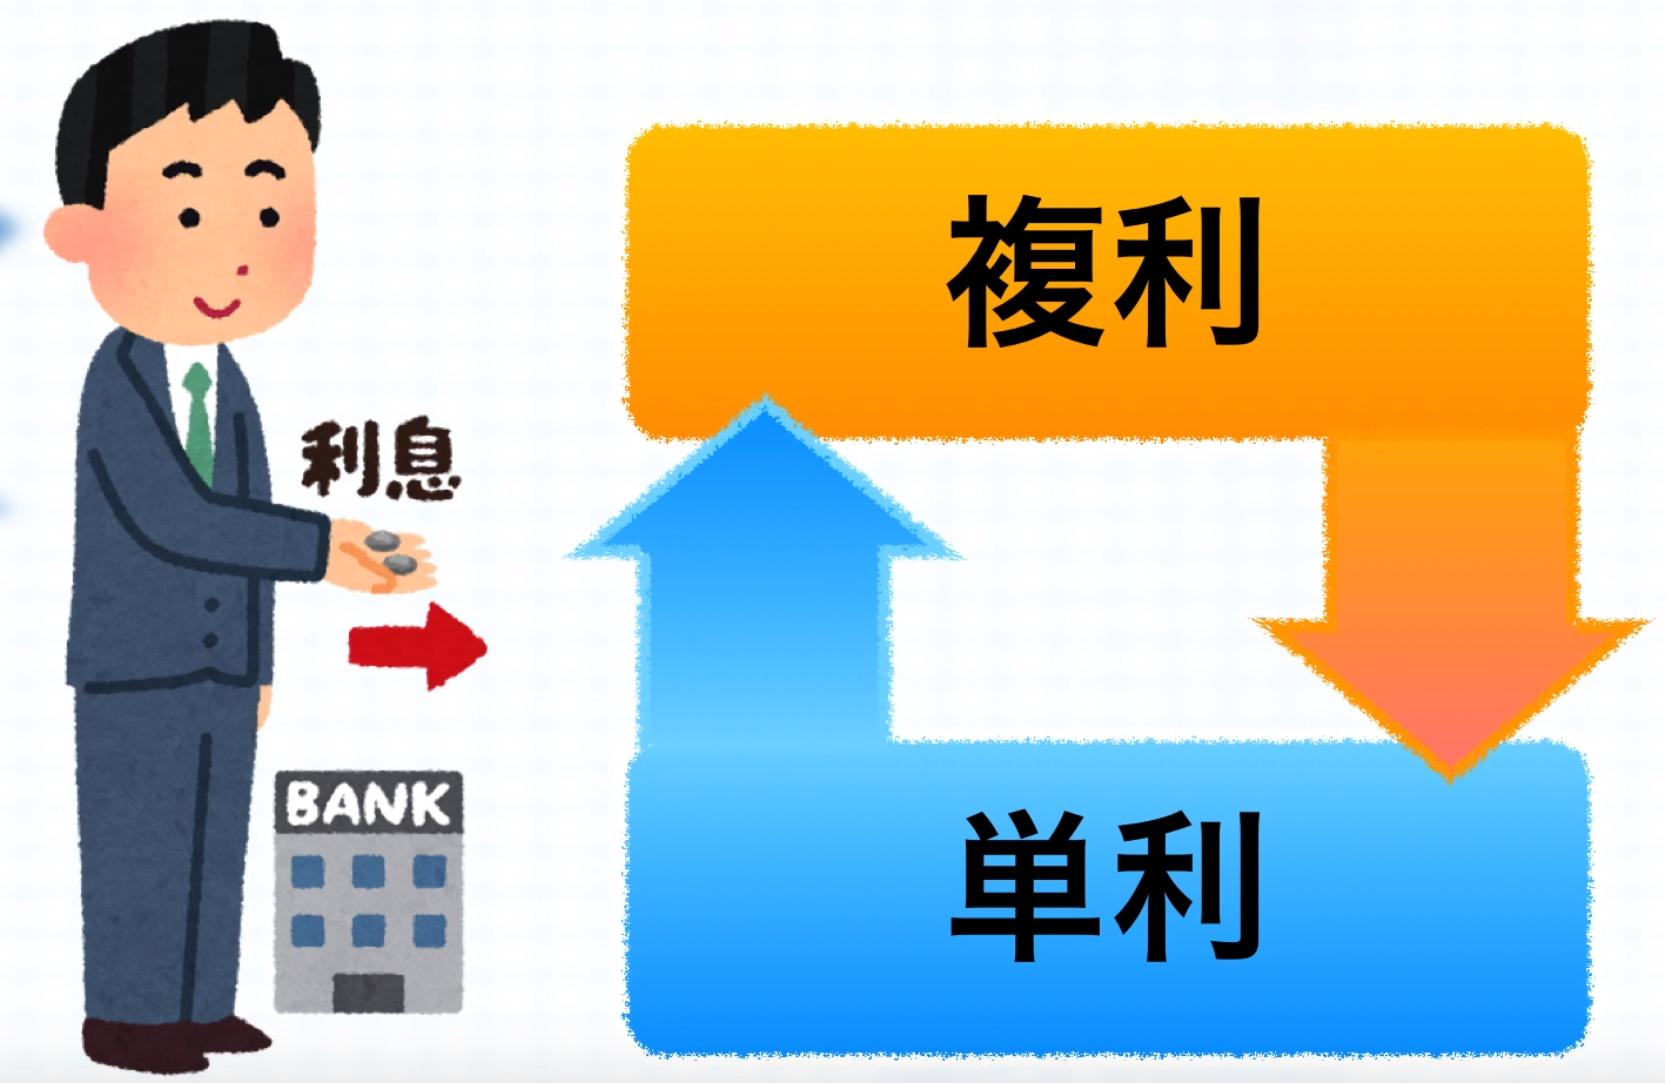 資産形成において「複利と単利」では、貯蓄のスピードが異なることを知ろう。